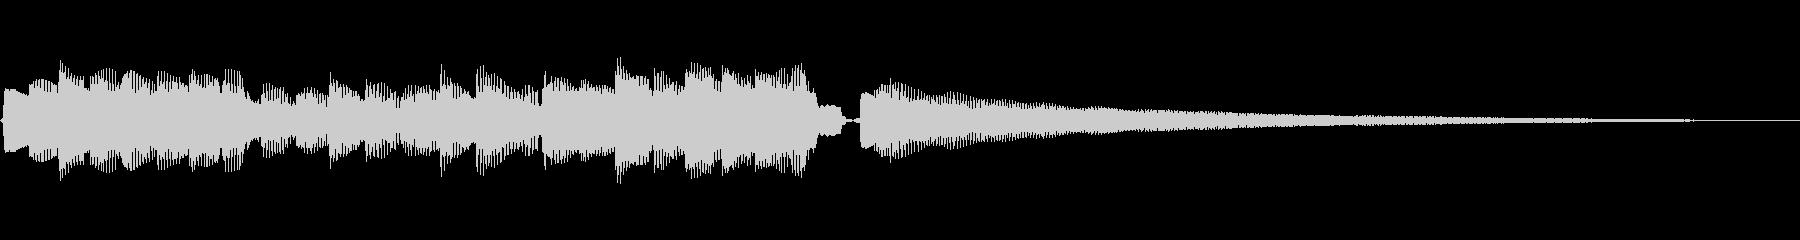 幻想的な響きの音の未再生の波形